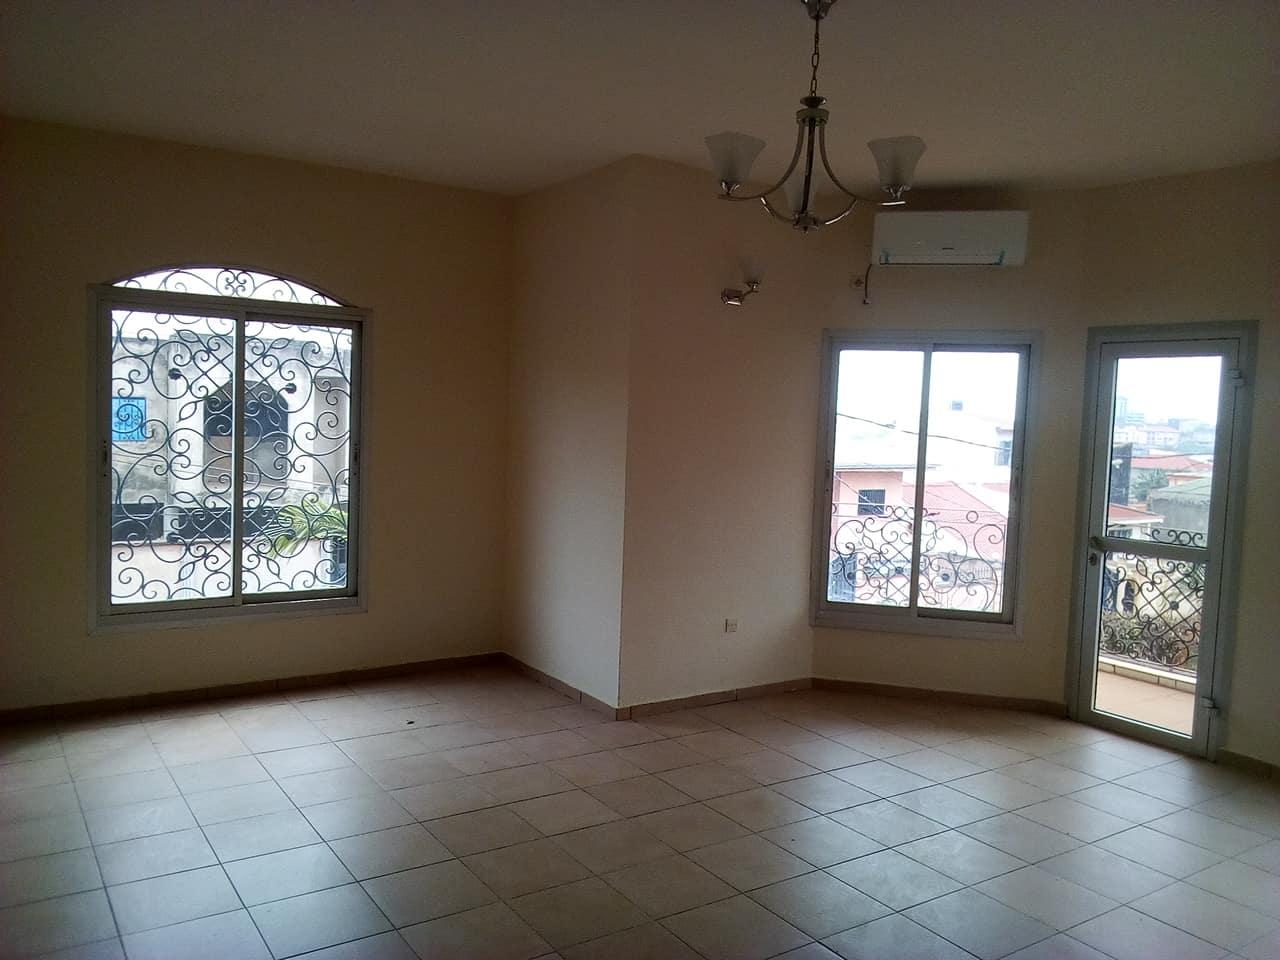 Appartement à louer - Yaoundé, Mfandena, pas loin de la cave - 1 salon(s), 2 chambre(s), 2 salle(s) de bains - 280 000 FCFA / mois